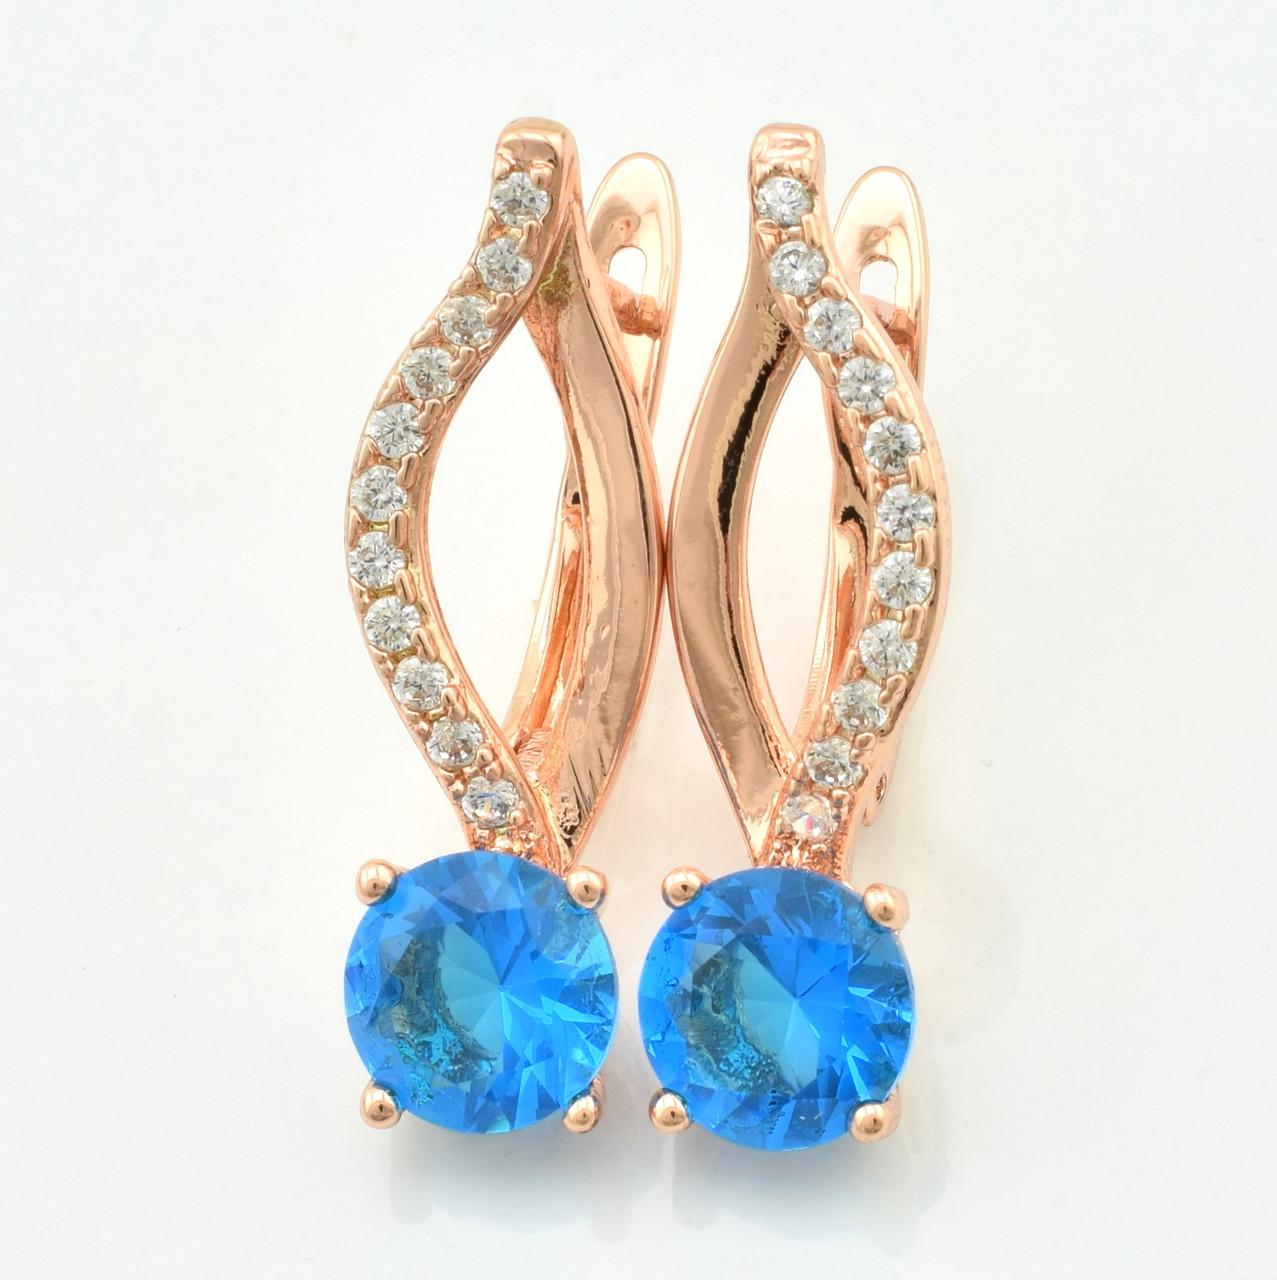 Серьги 21569, размер 25*7 мм, голубые фианиты, позолота РО